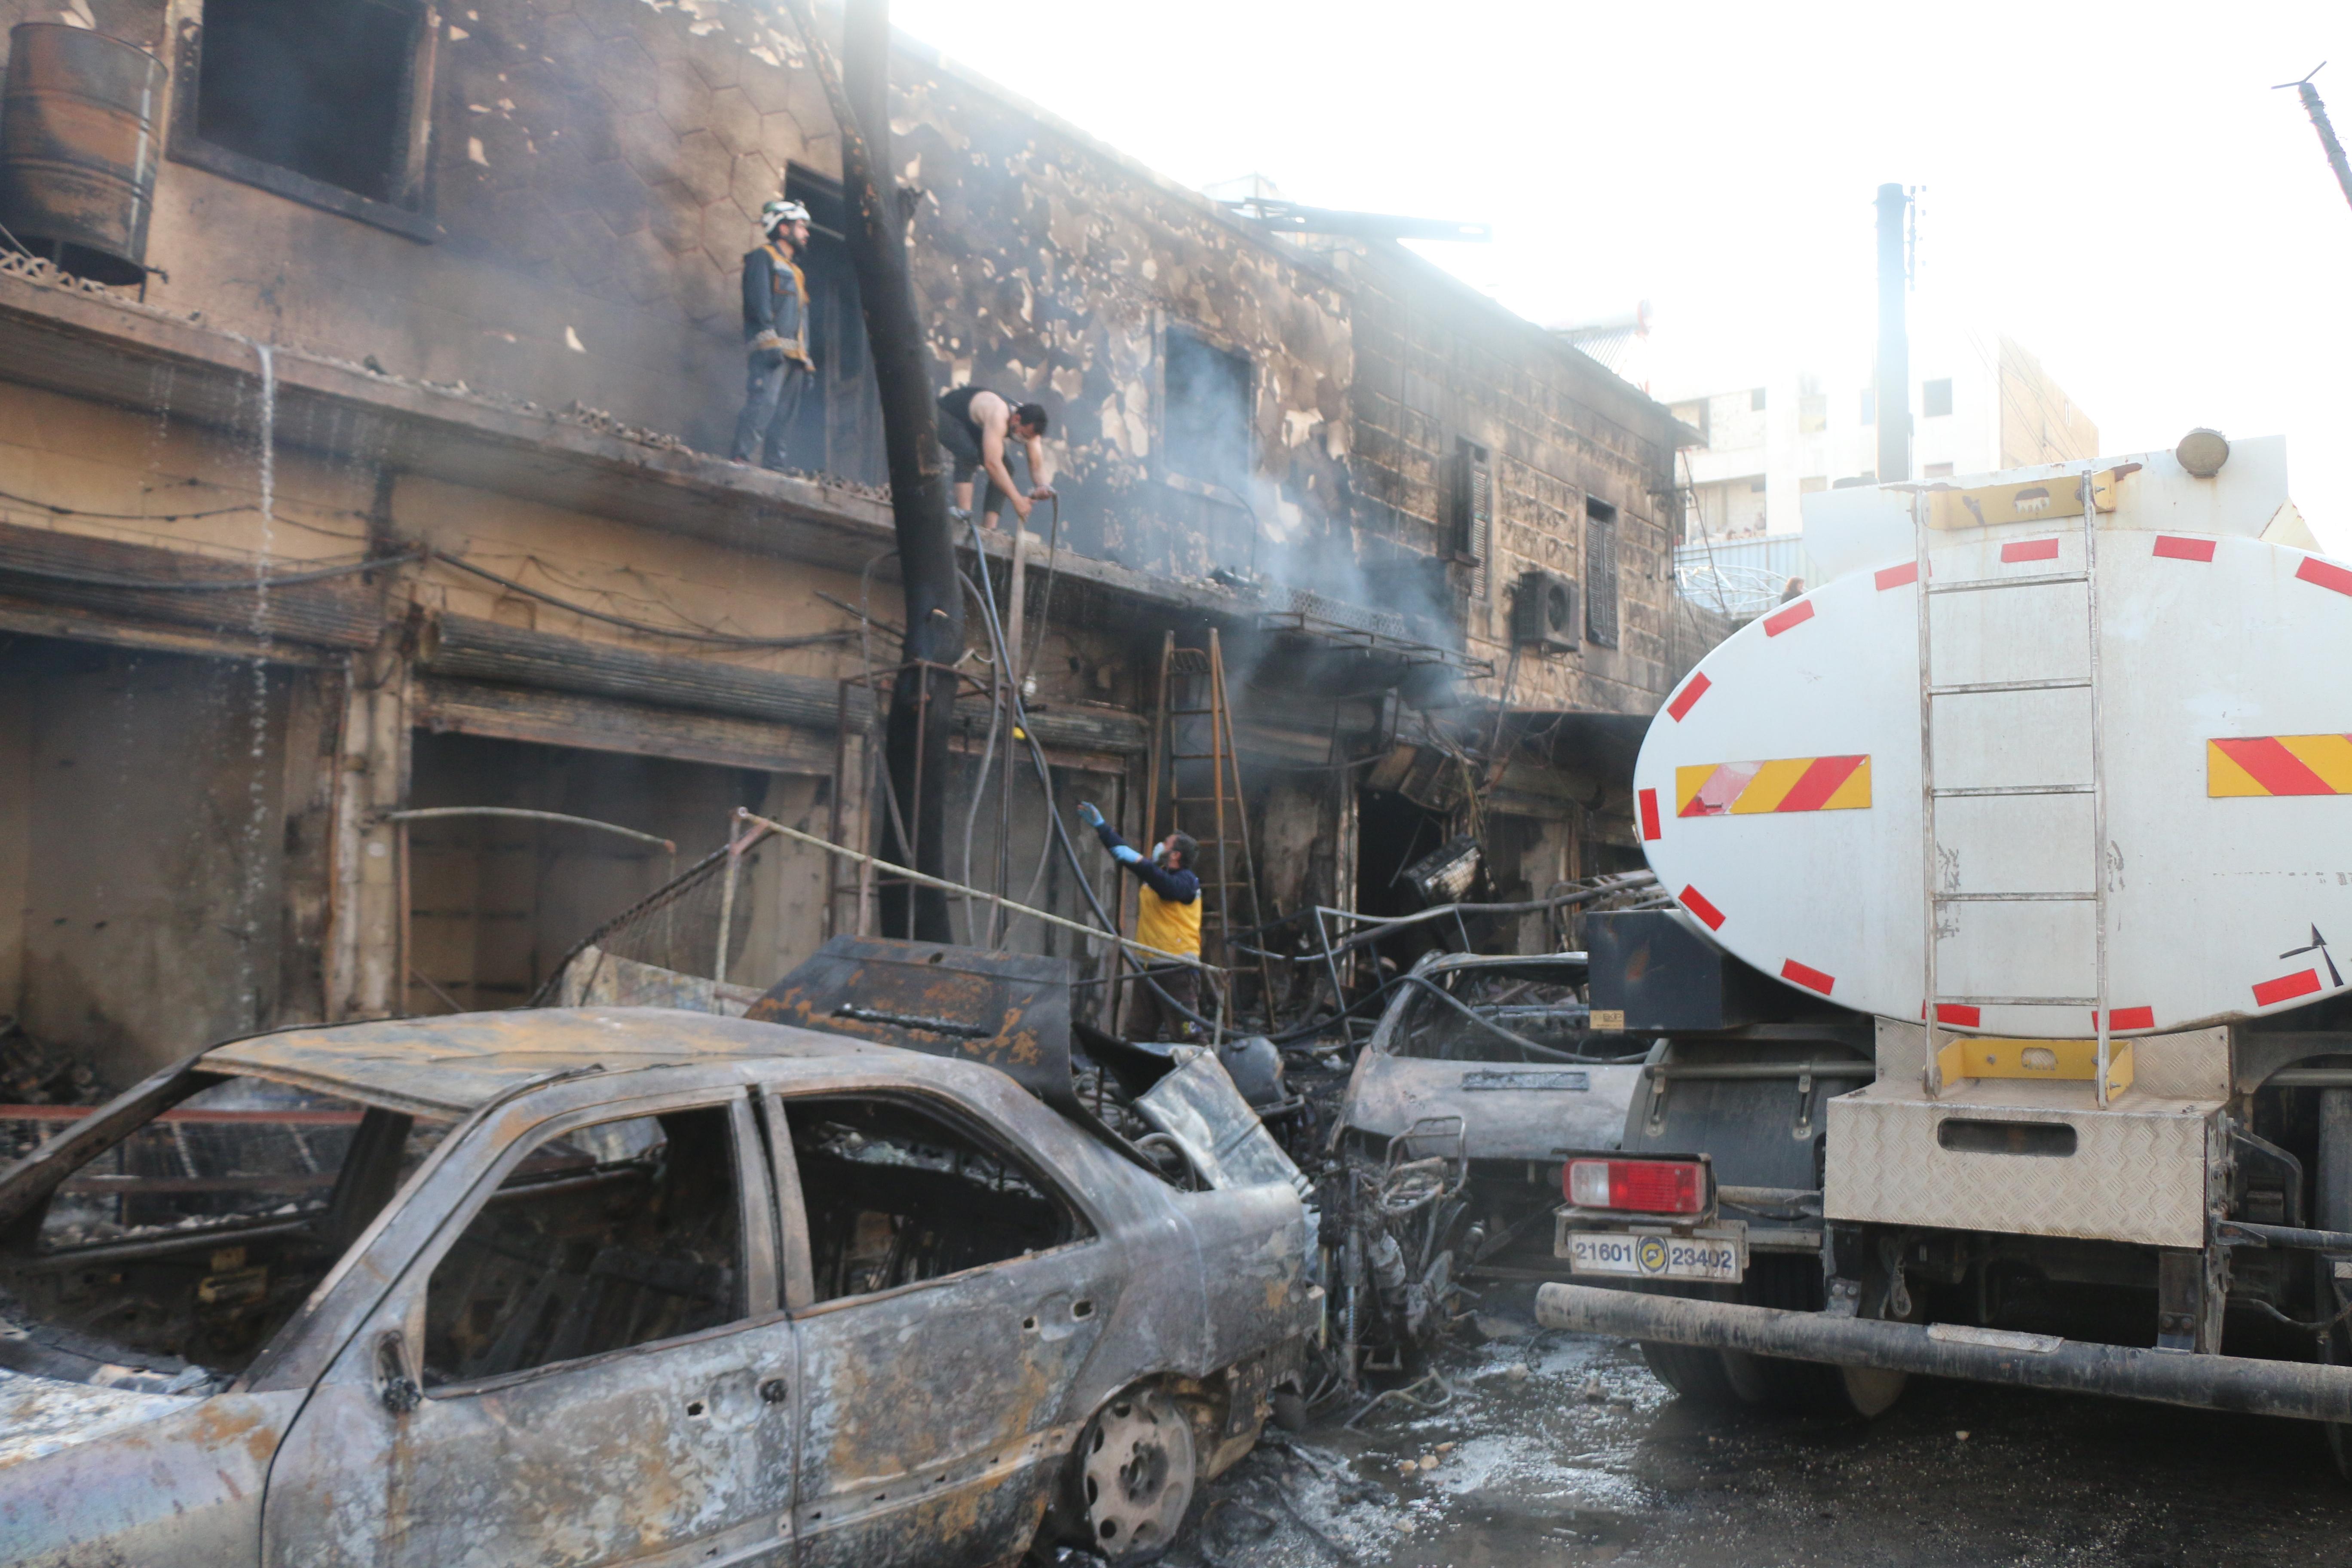 Negyvenen meghaltak egy szíriai piaci robbantásban